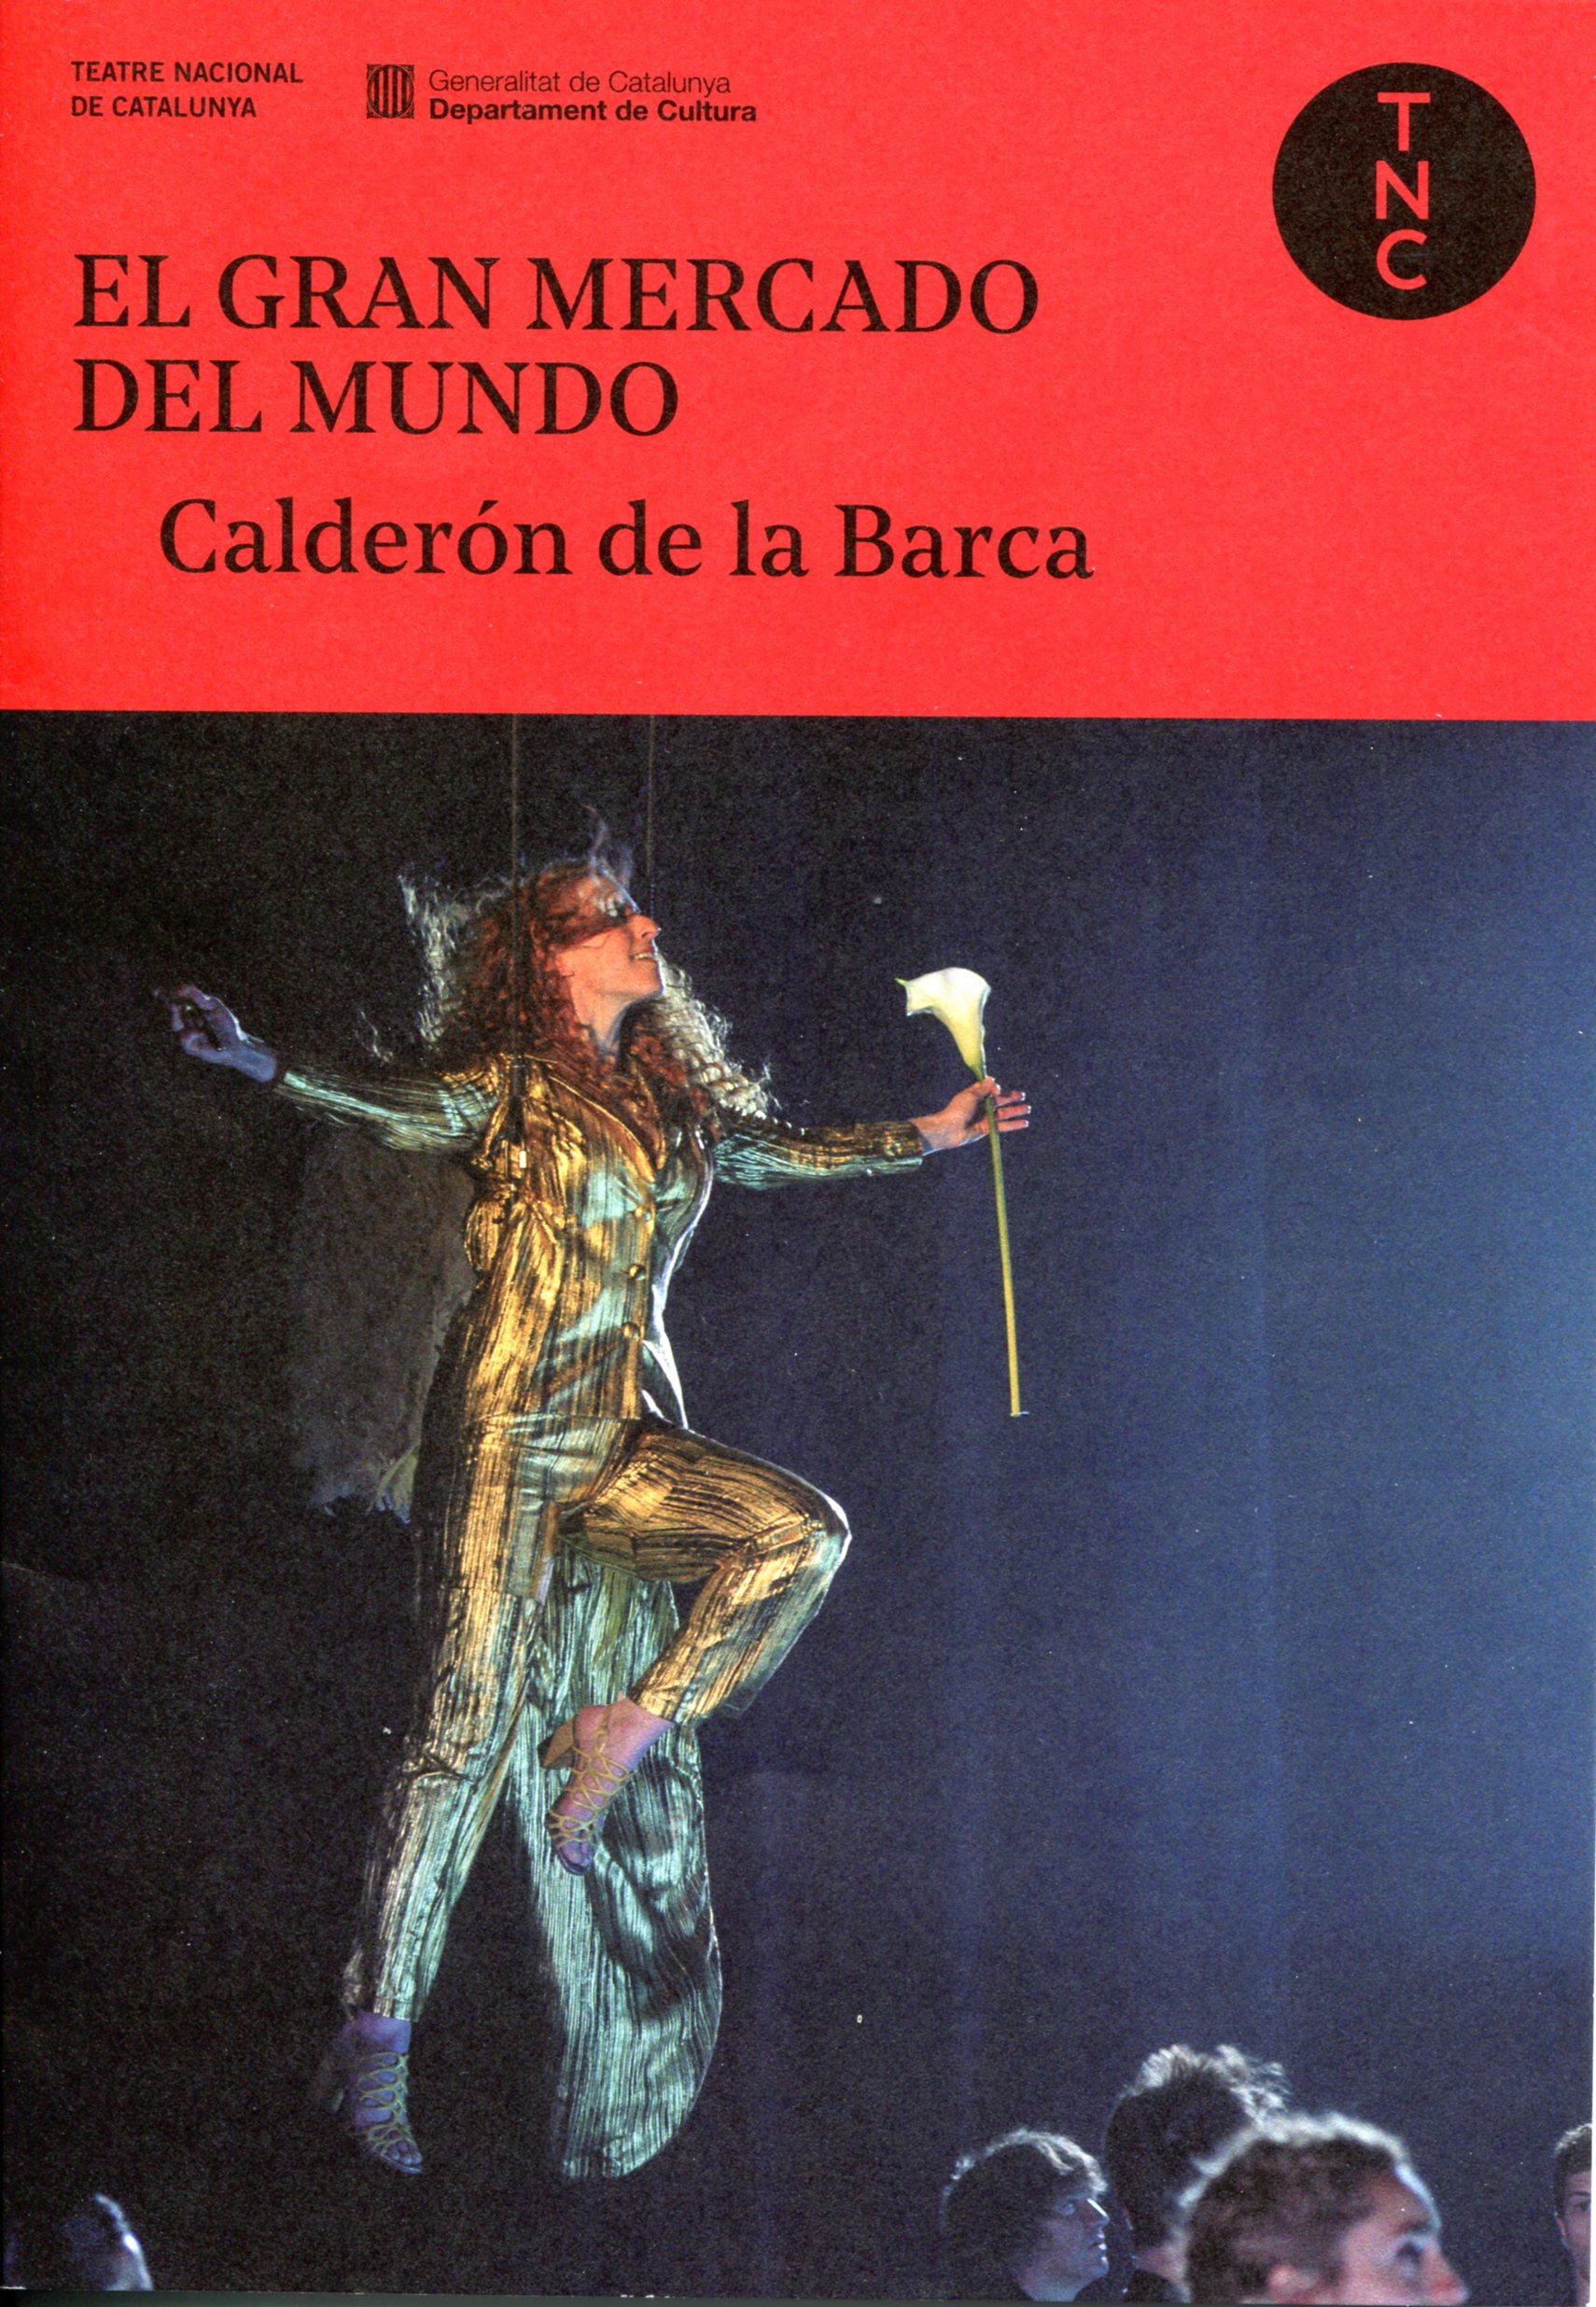 2019 05 15 Calderón Mercado del Mundo TNC 01.jpg